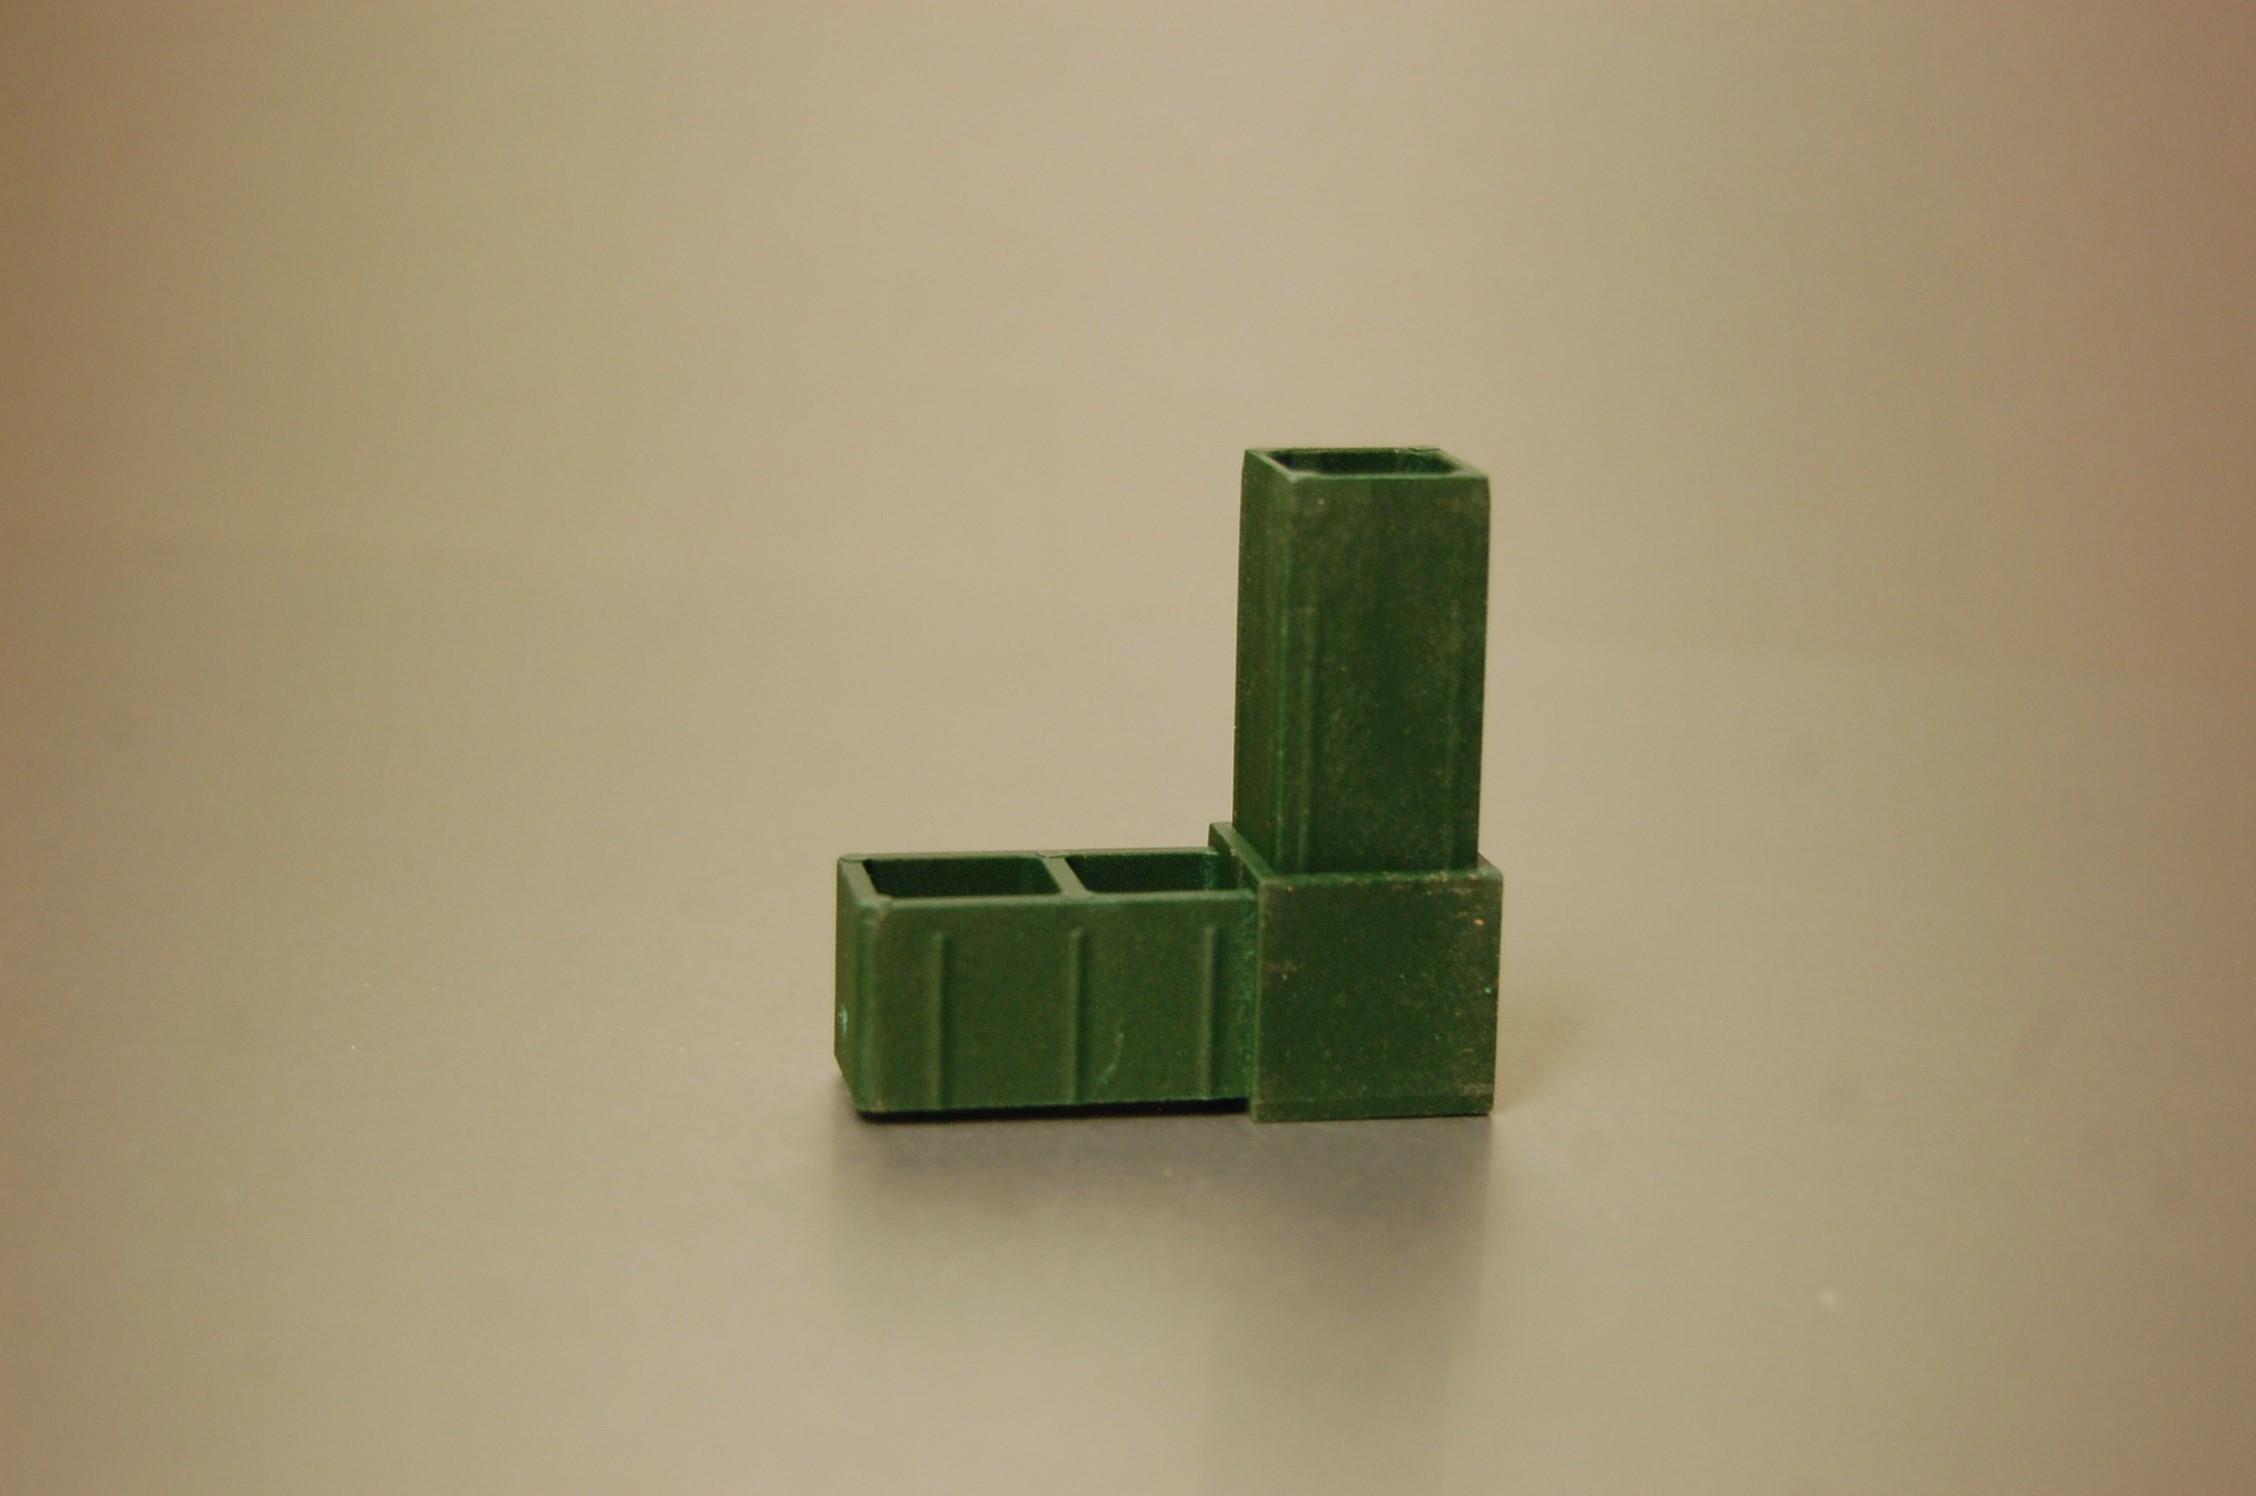 L-Hoekje Groen